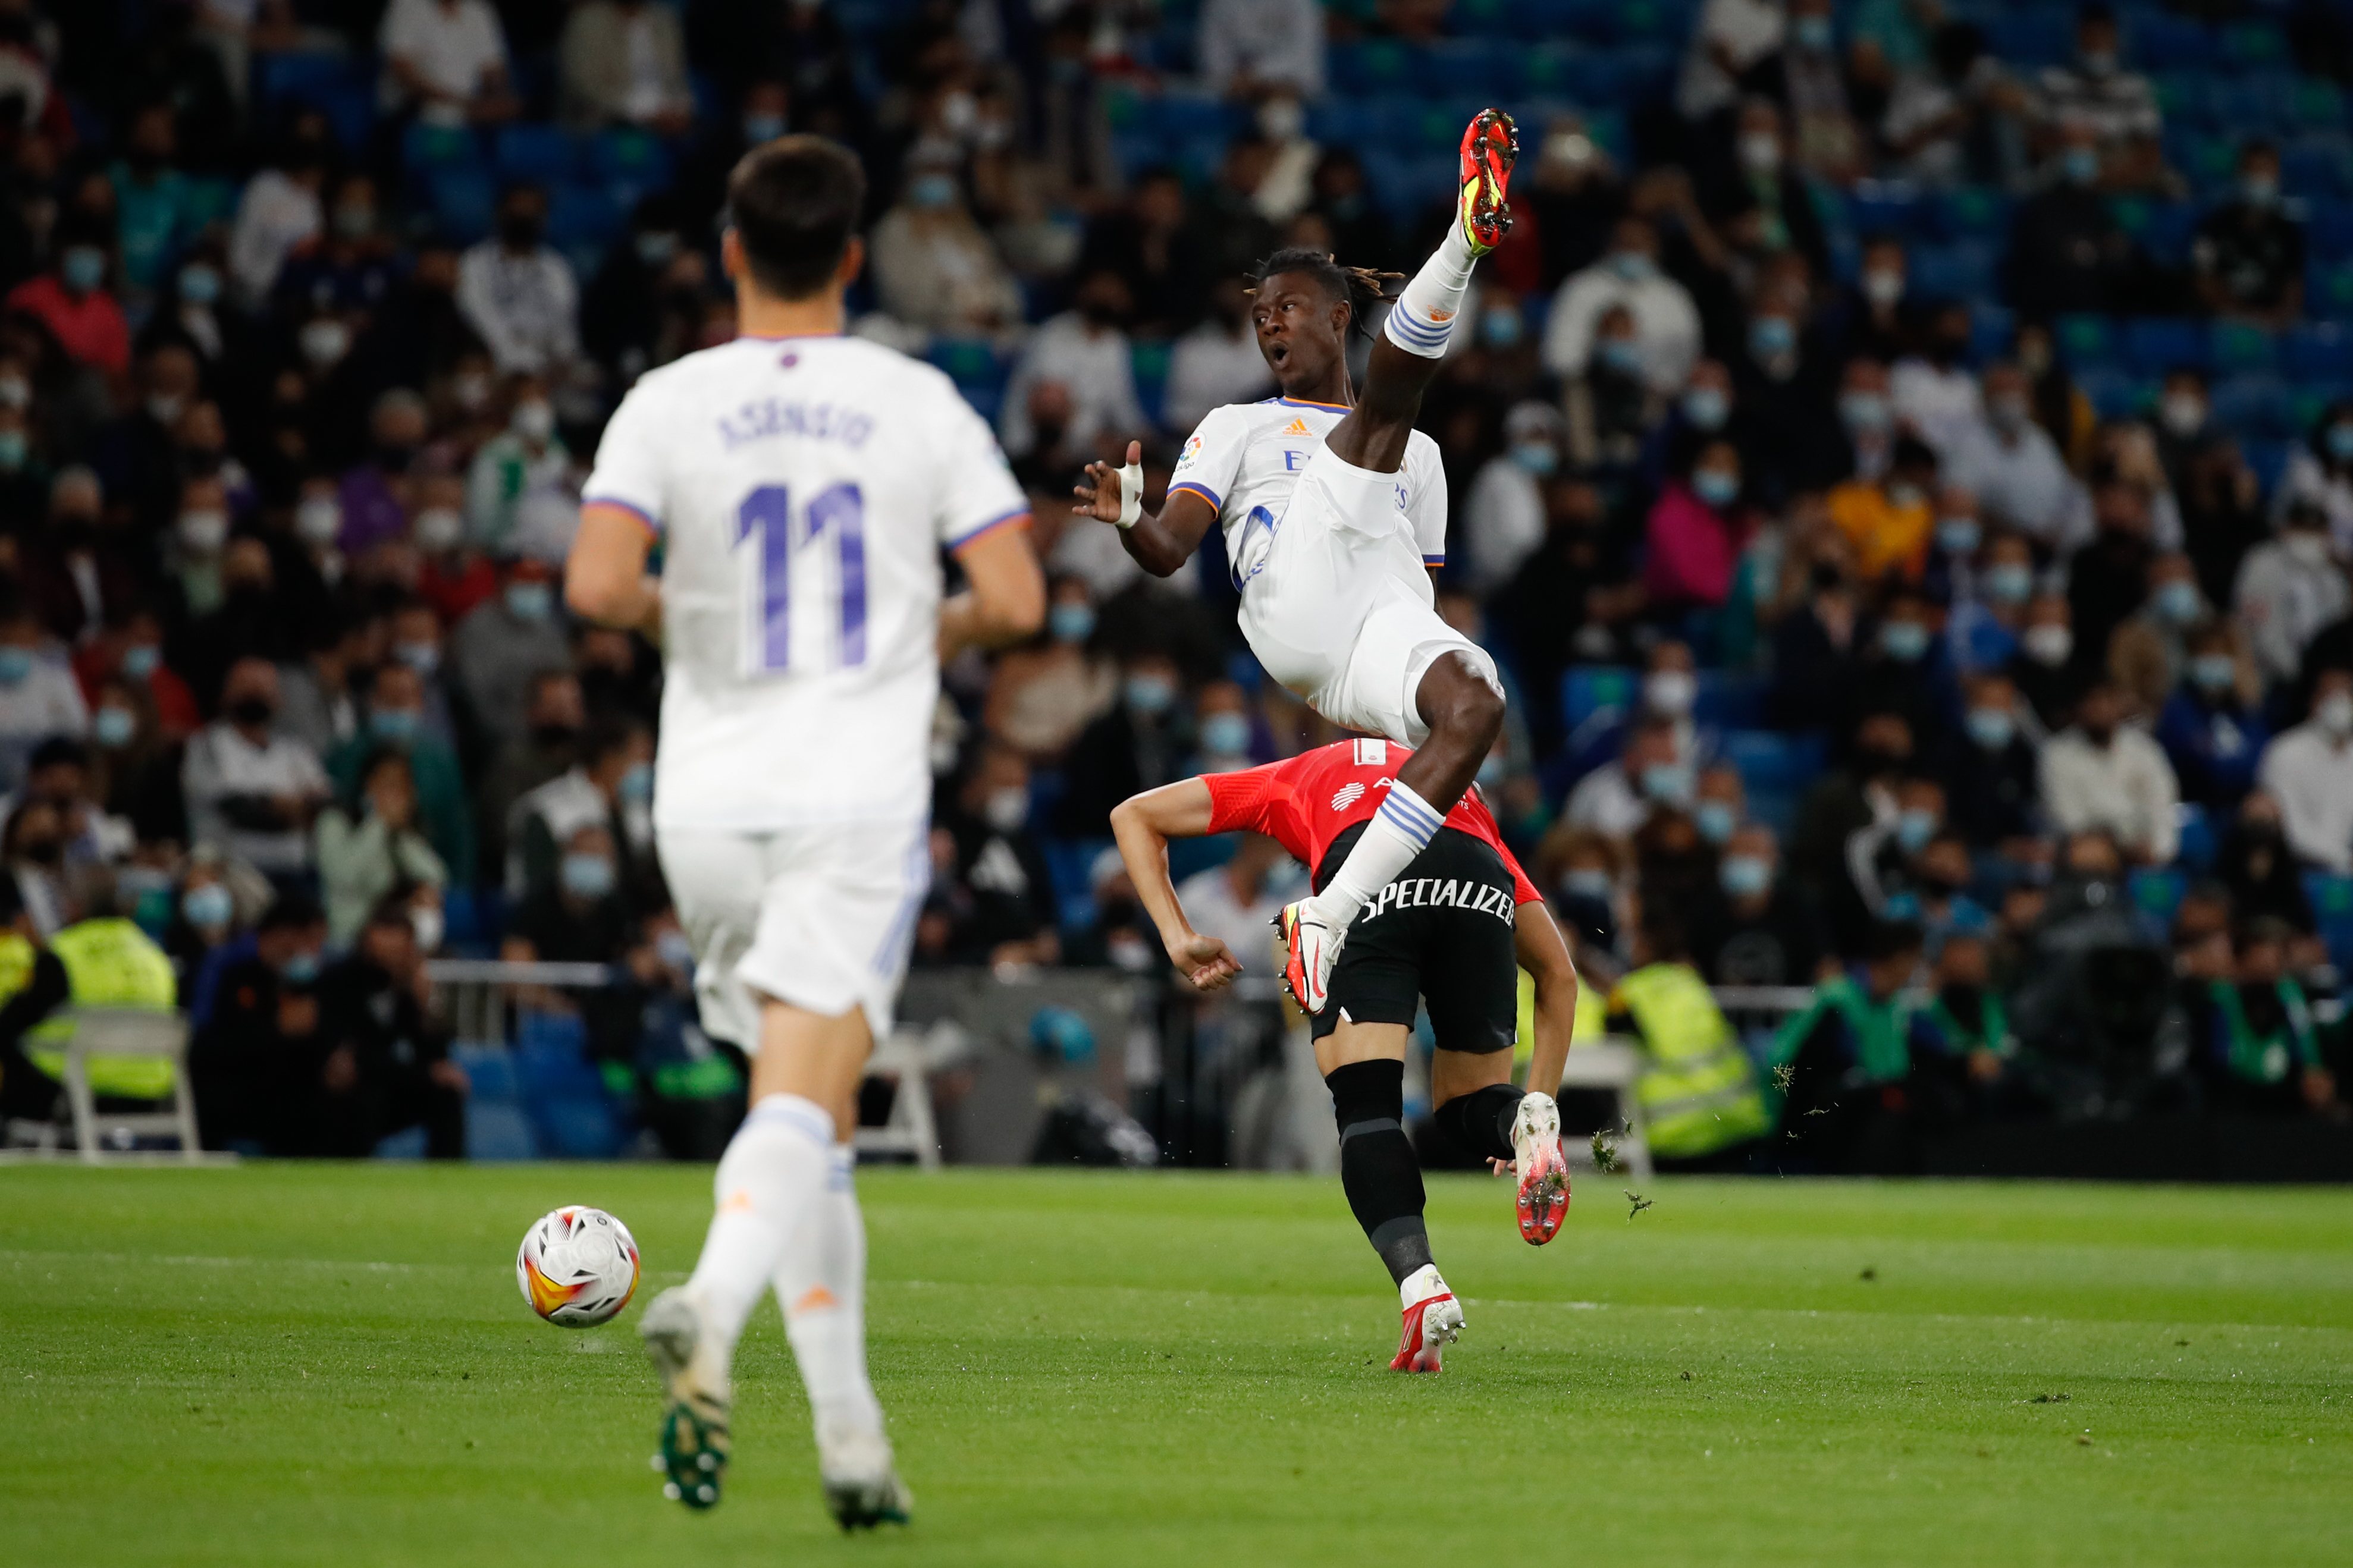 Камавинга может стать лучшим полузащитником «Реала» со времен Зидана